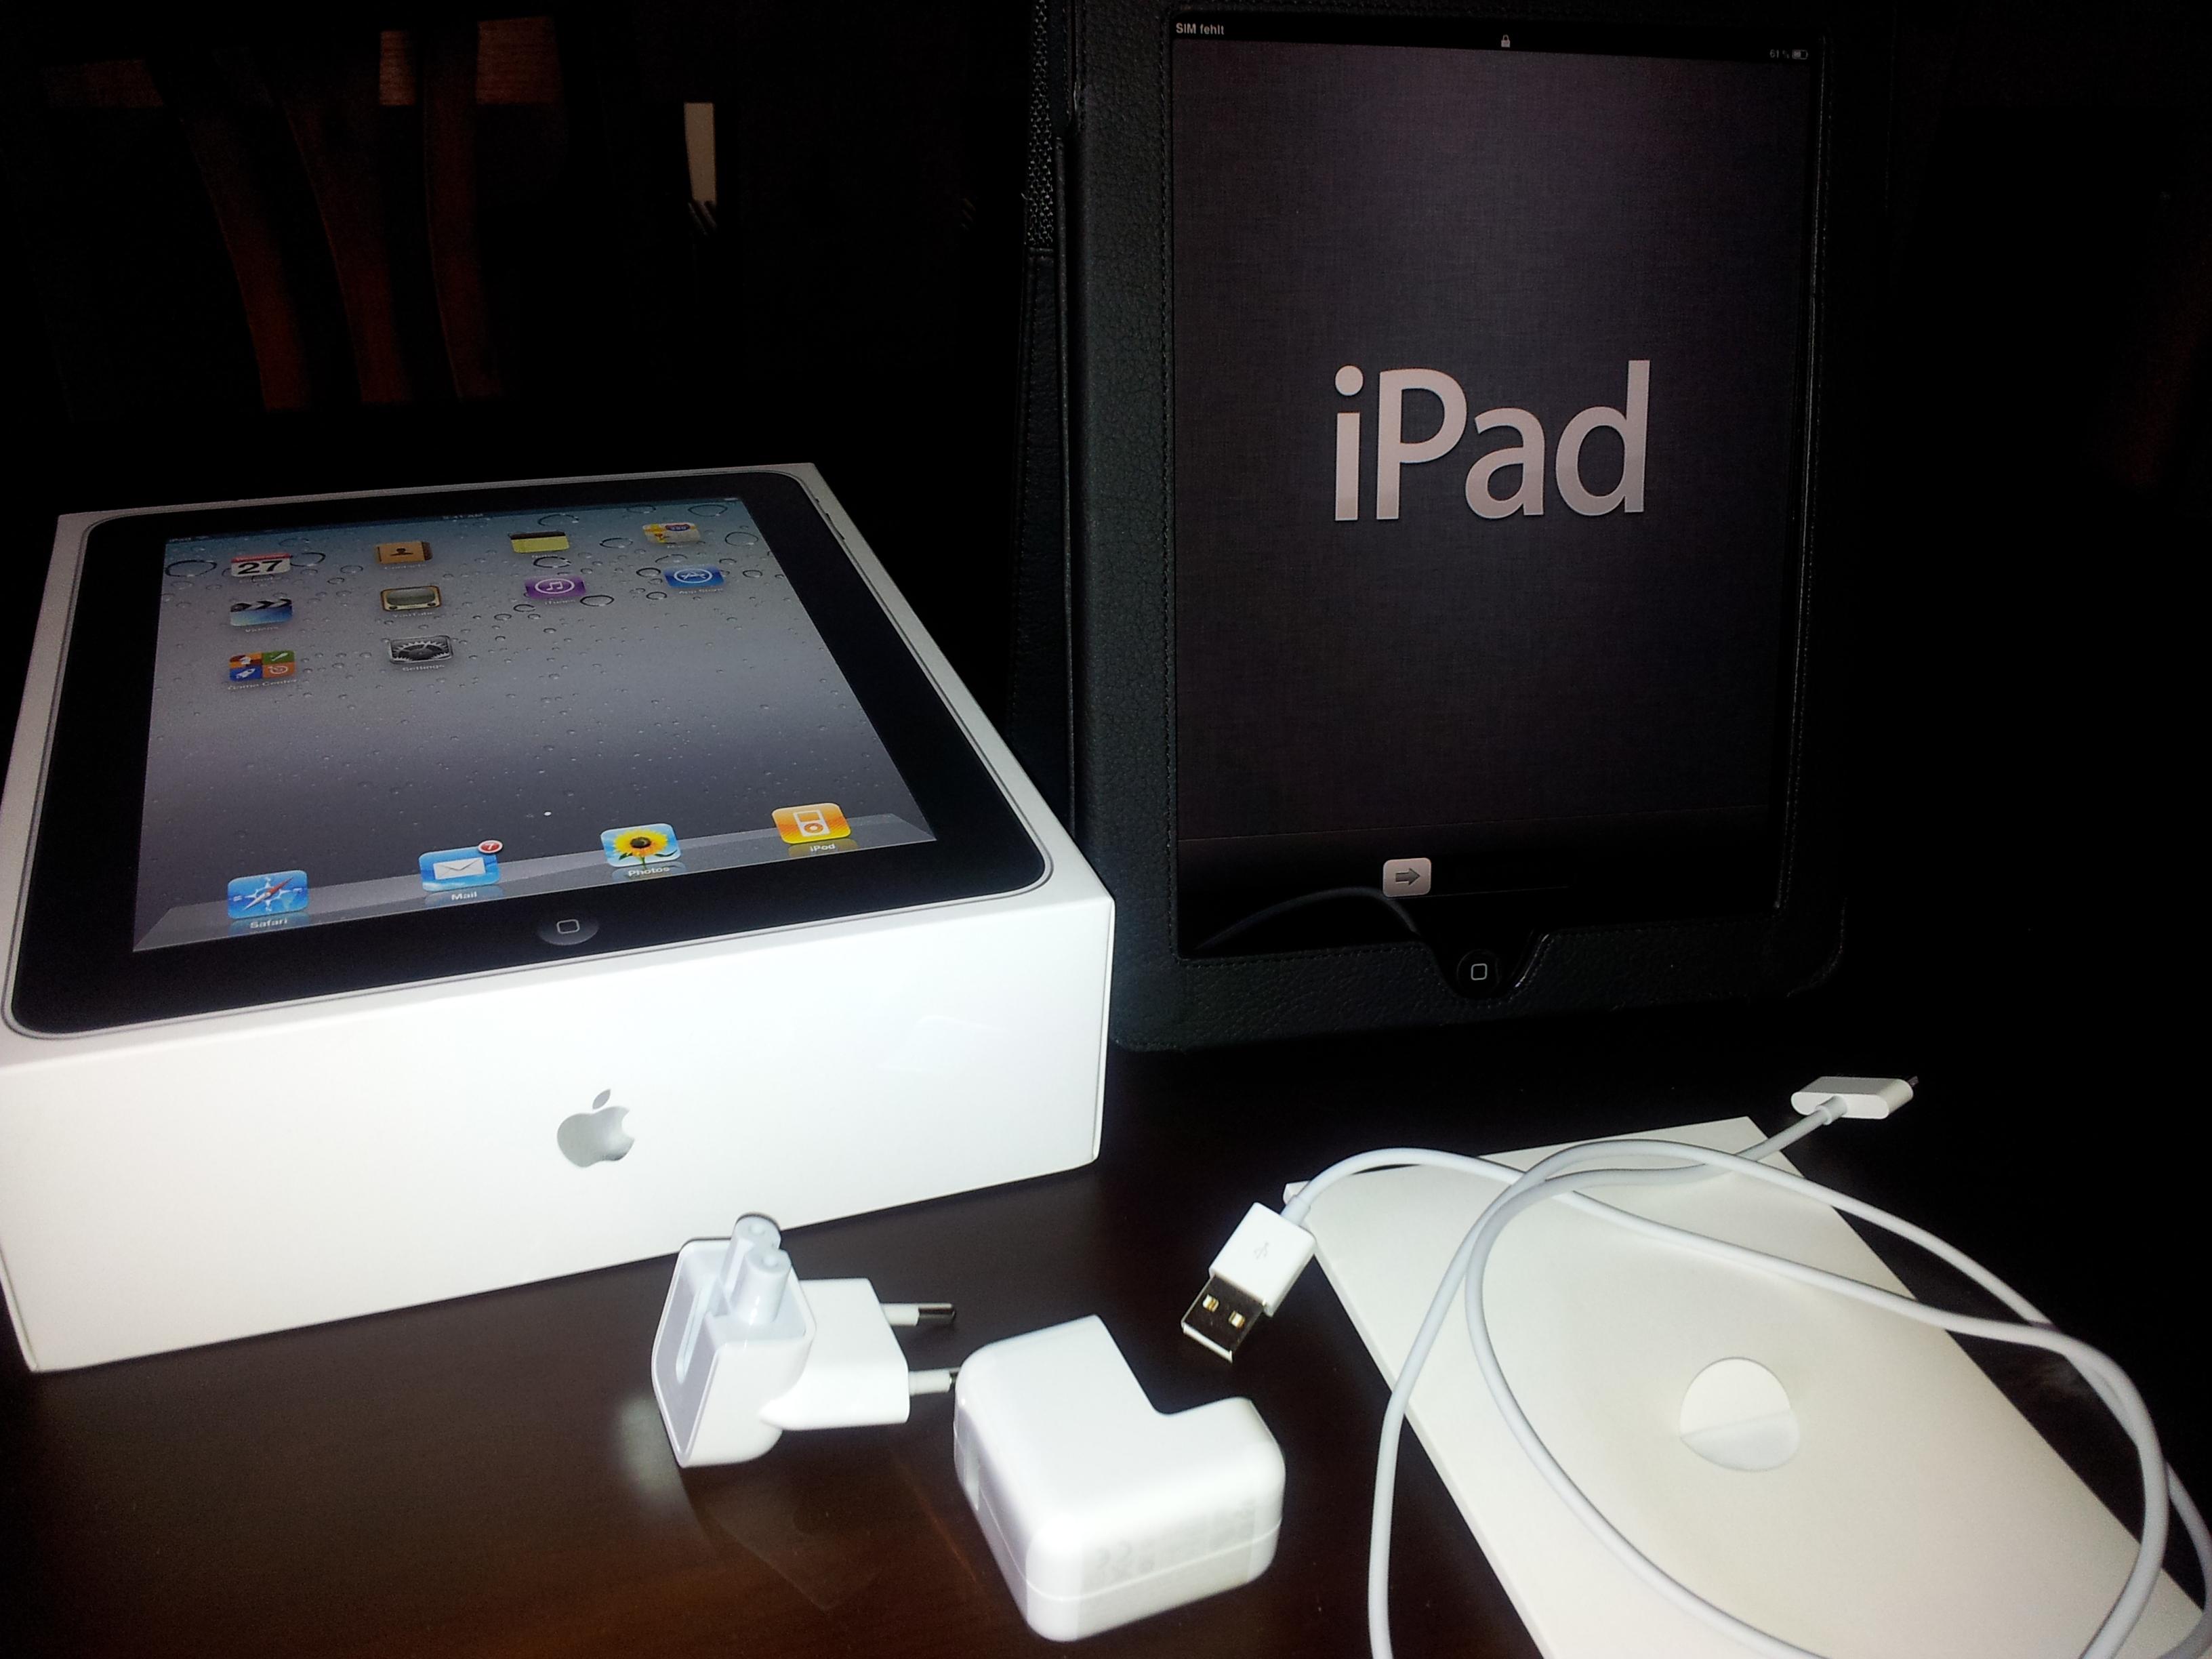 verkaufe ein apple ipad der ersten generation mit 32 gb. Black Bedroom Furniture Sets. Home Design Ideas